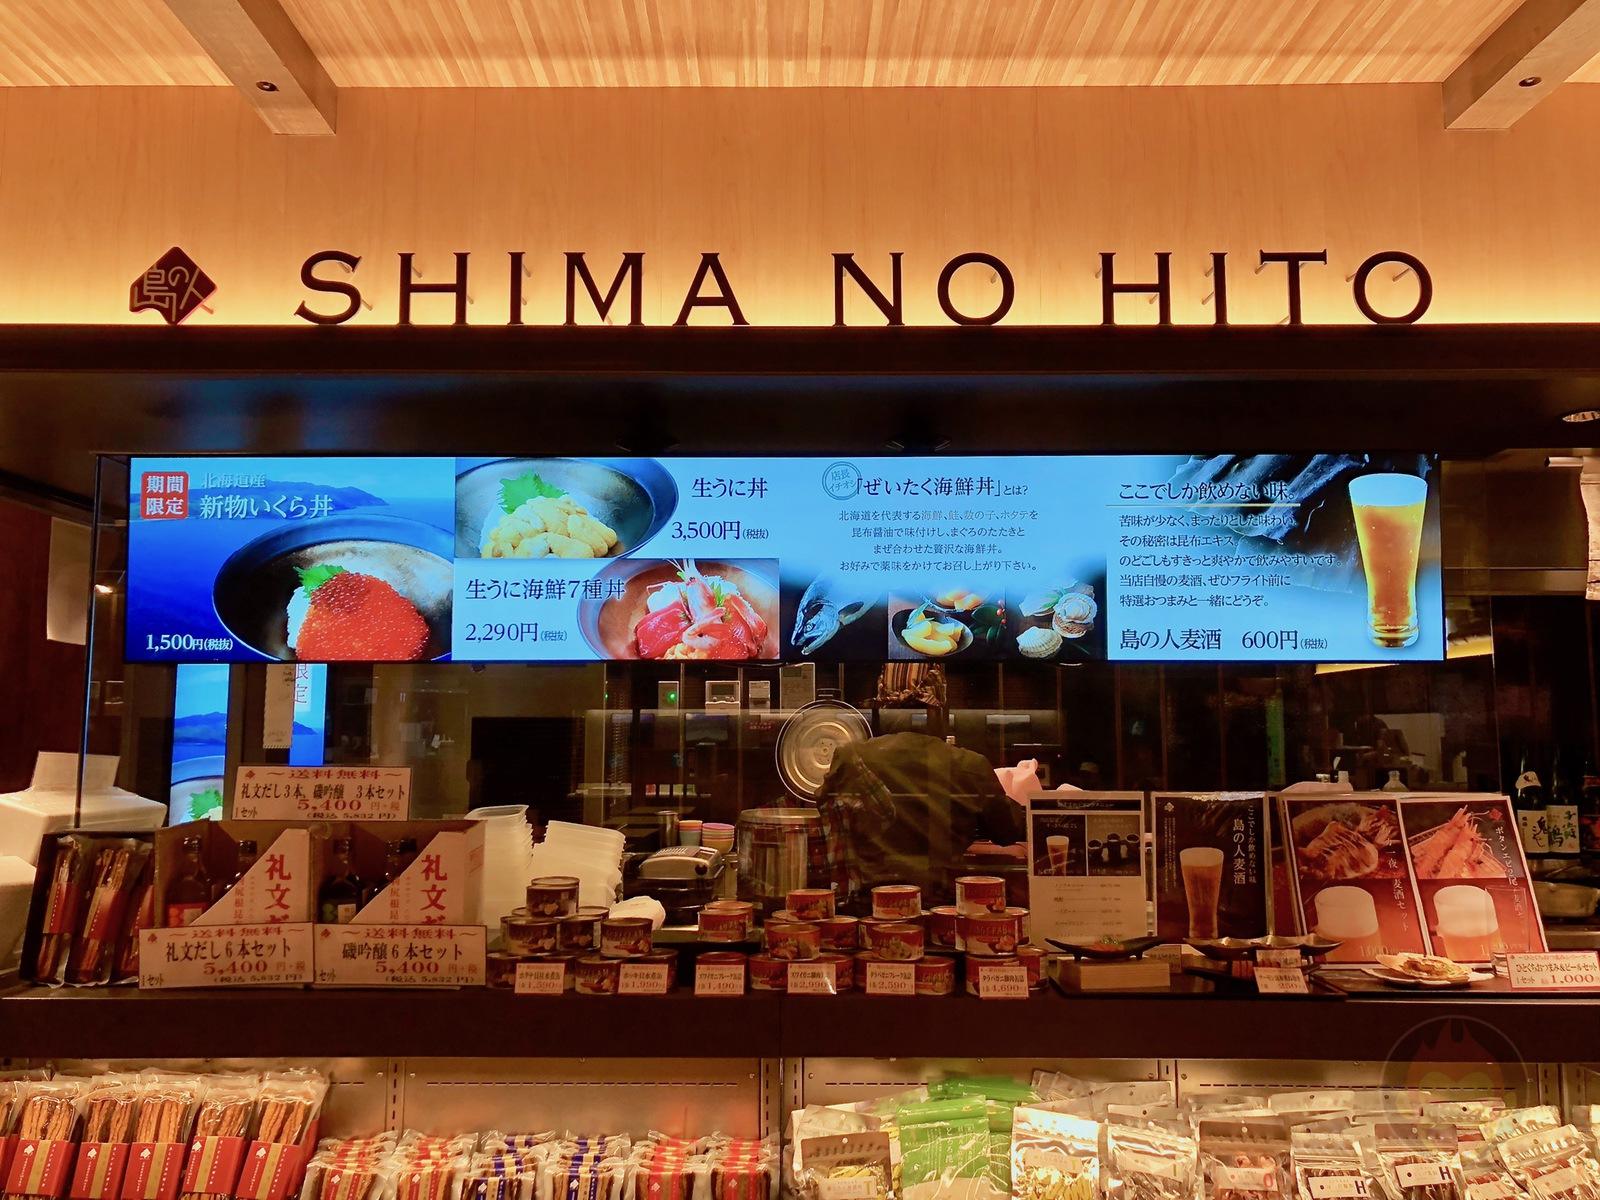 Shimano Hito Hokkaido Shinchitose Airport 01